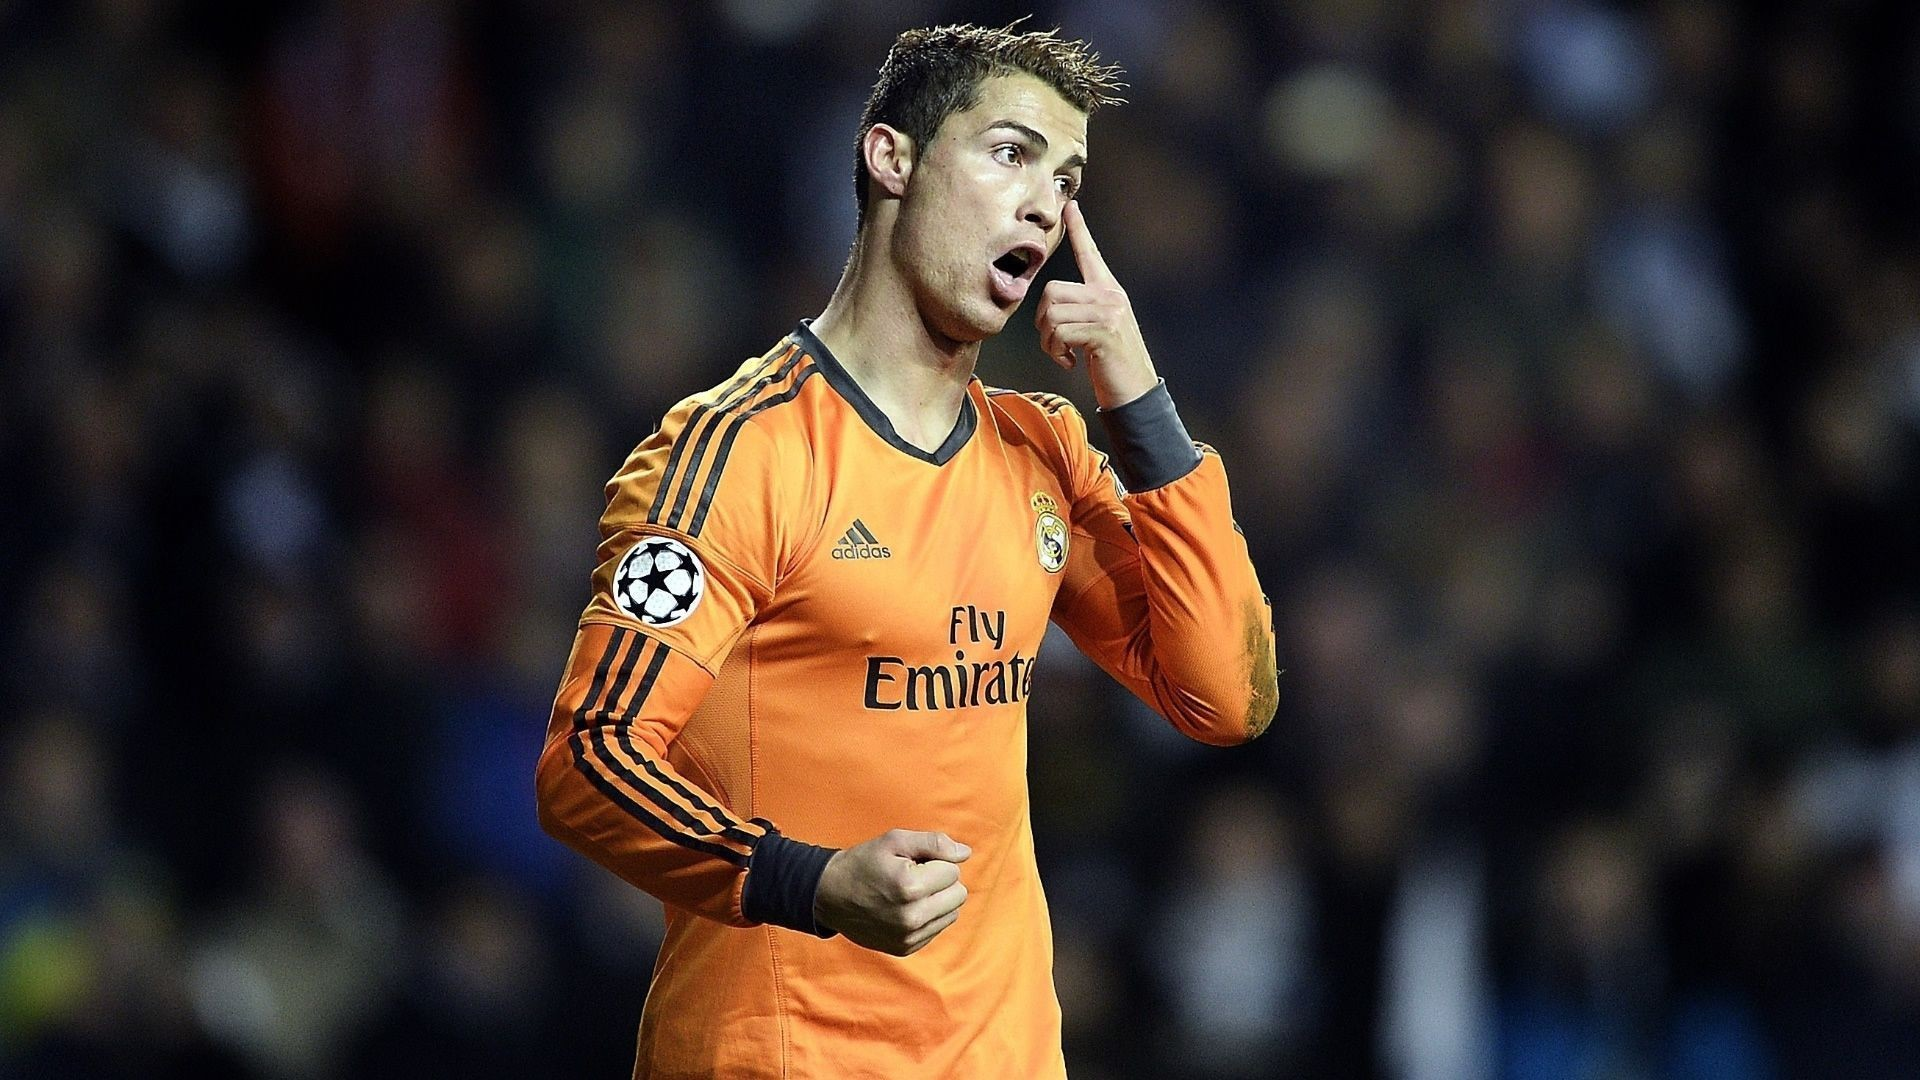 Cristiano Ronaldo 2014 Orange jersey wallpaper – Cristiano Ronaldo .